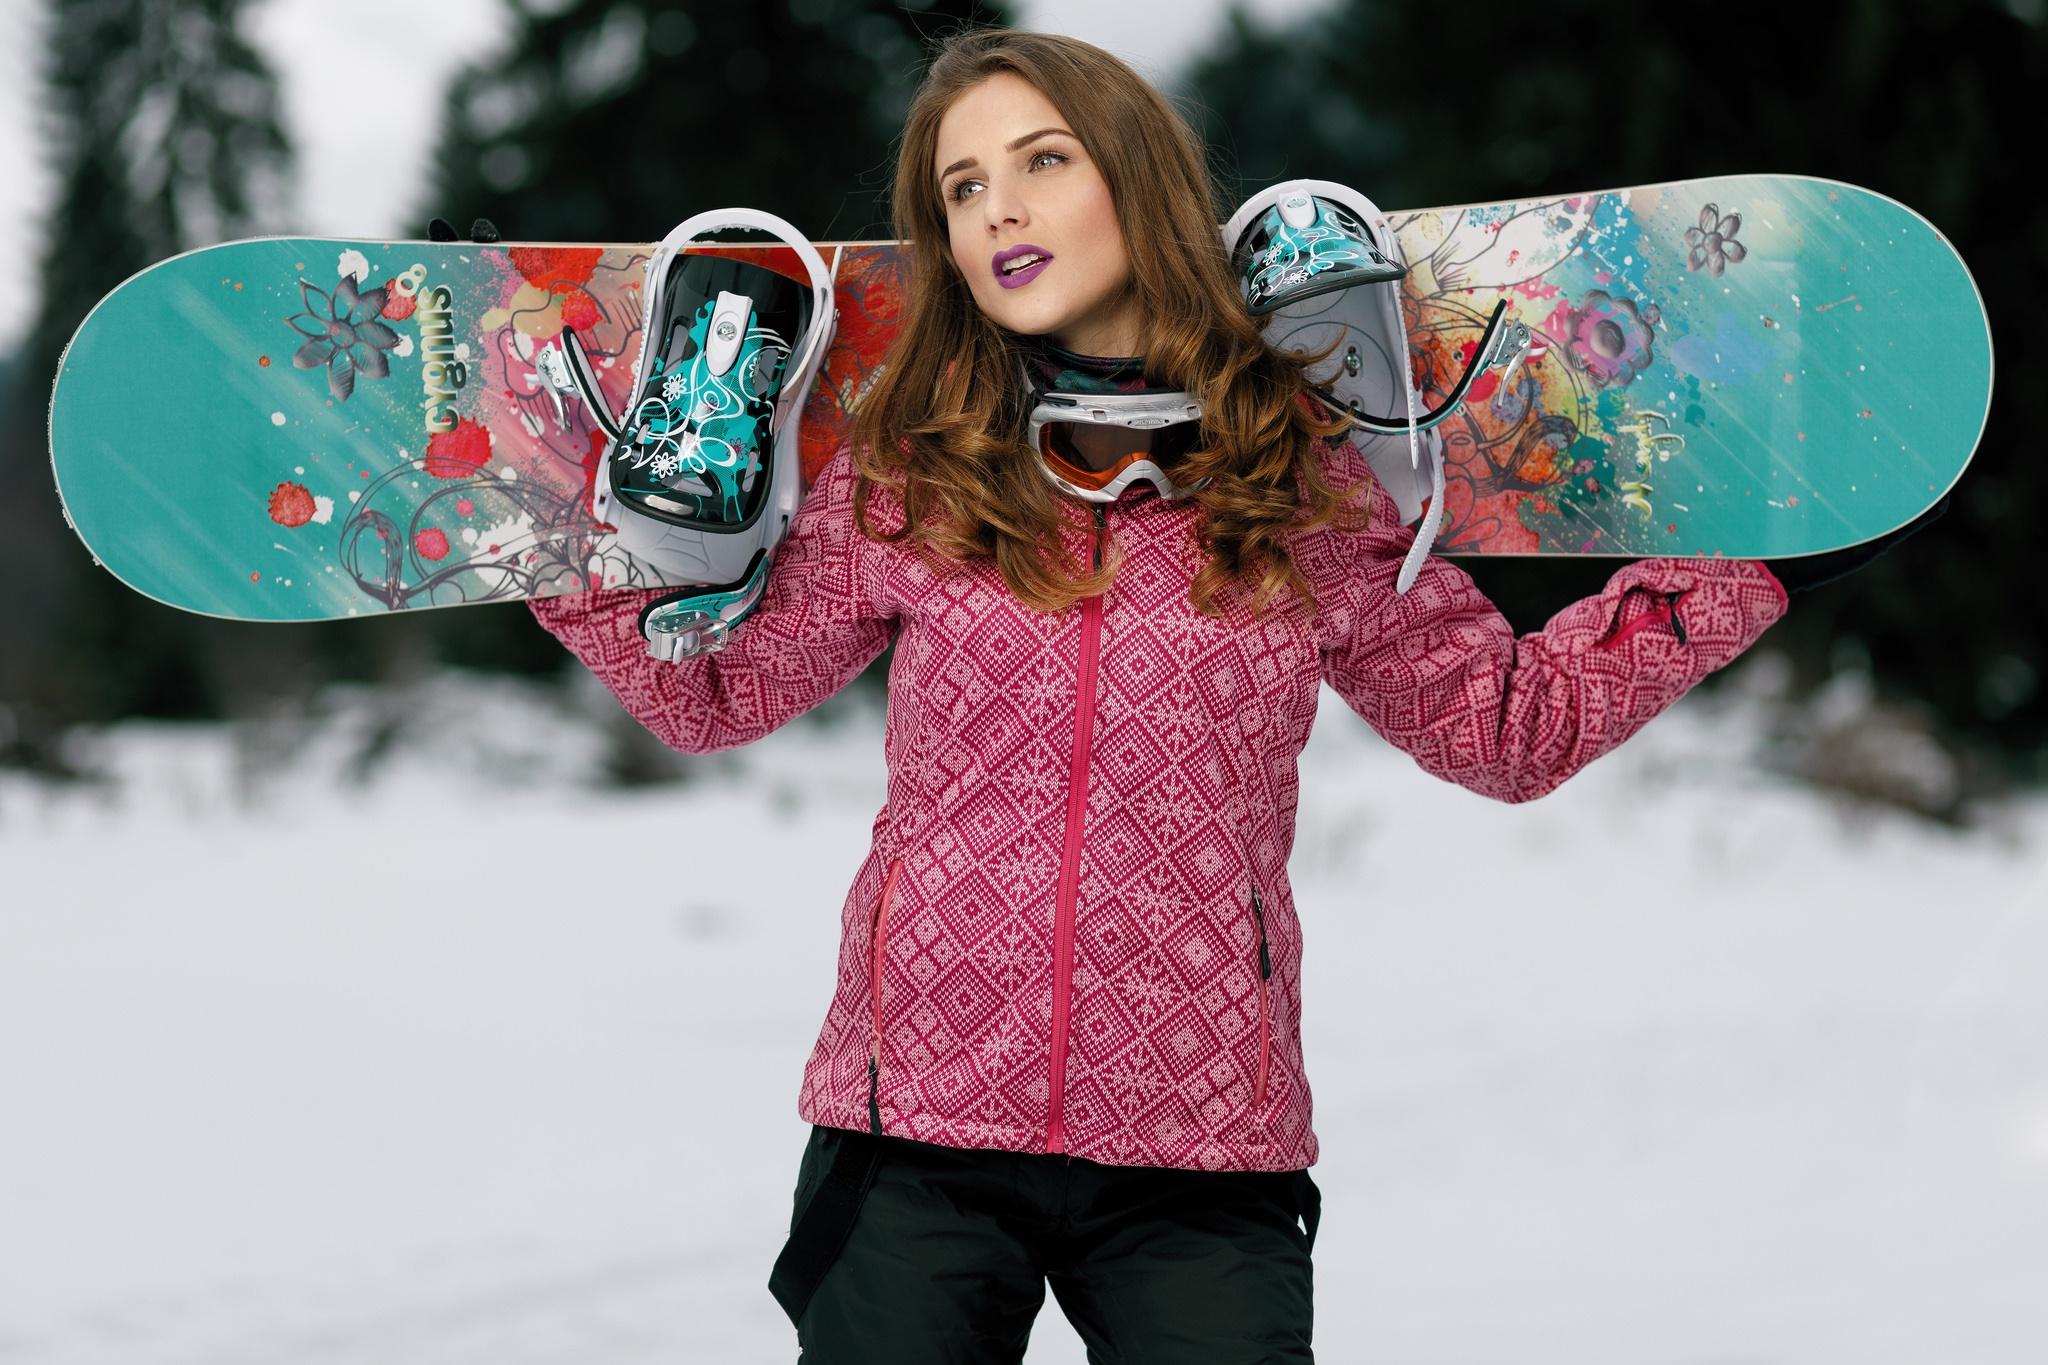 Картинки сноубордиста девушки, картинка